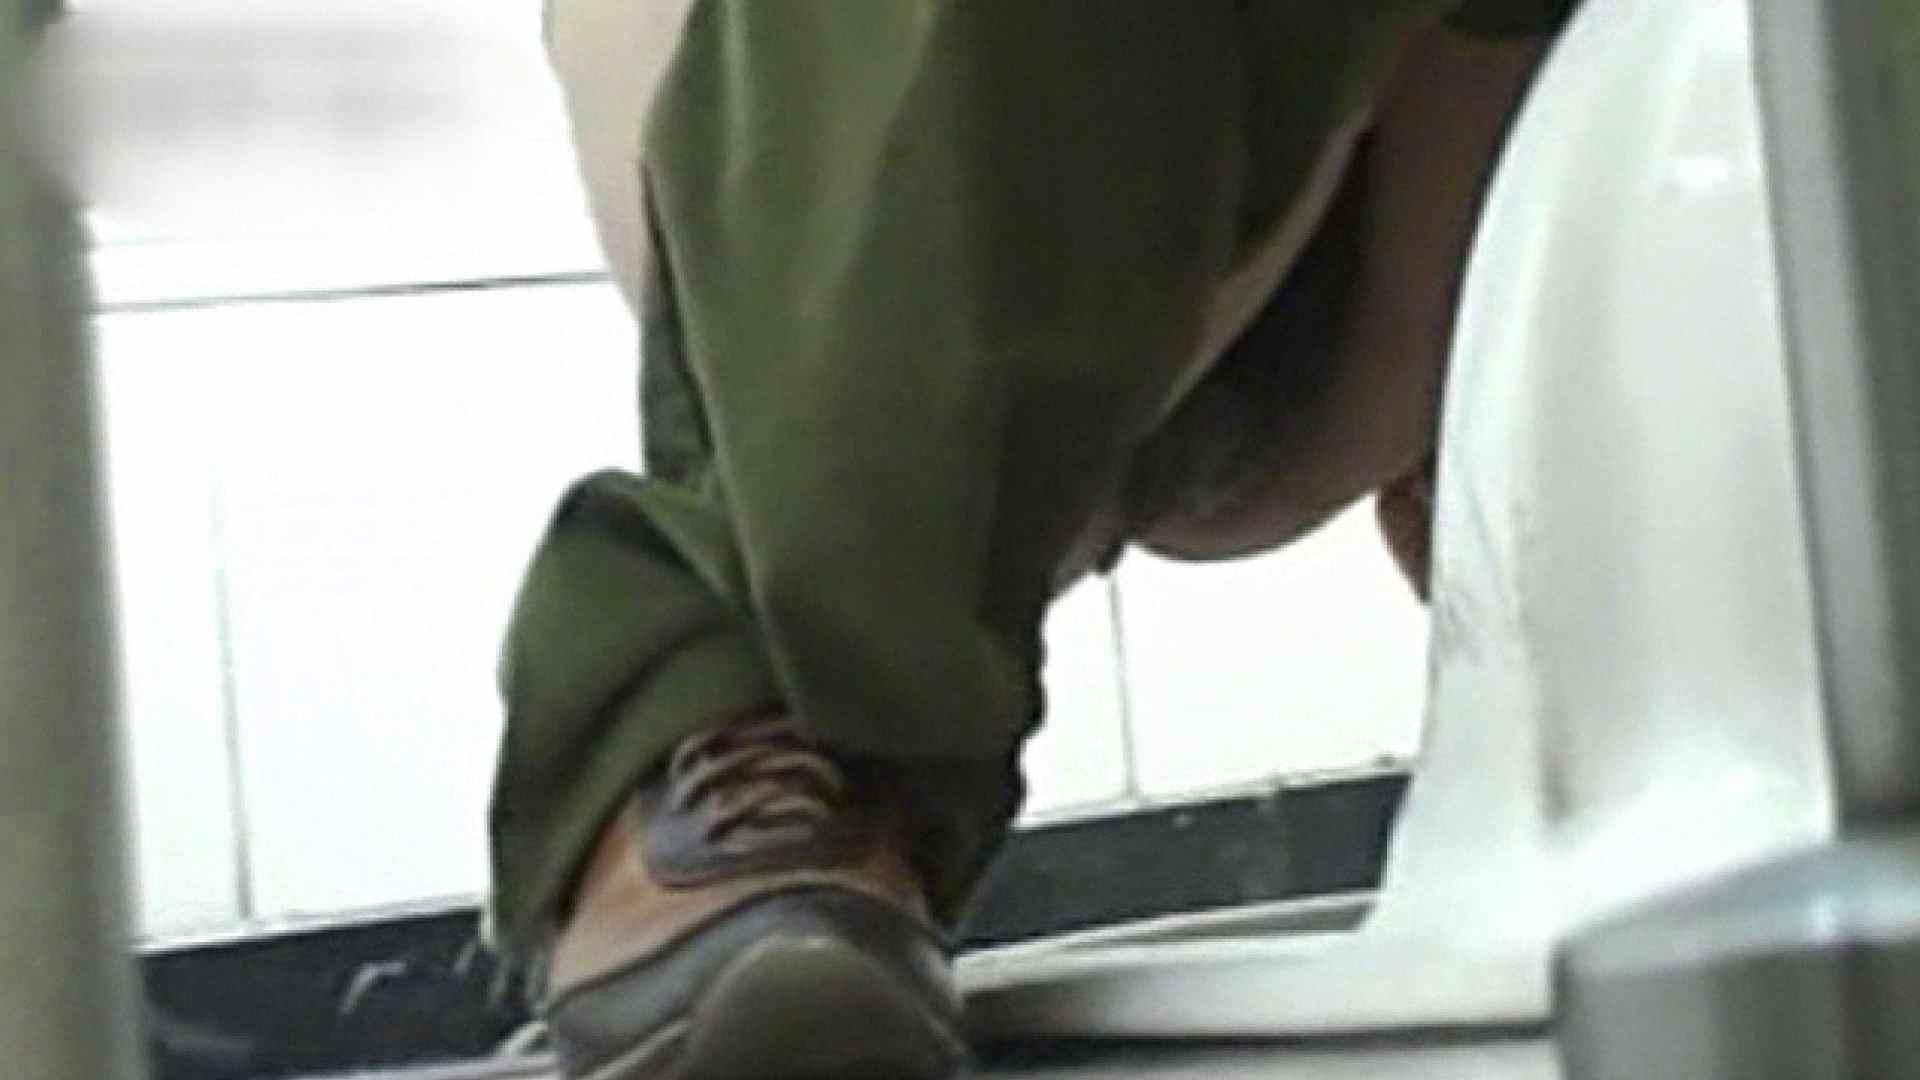 ロックハンドさんの盗撮記録File.60 オマンコ特集 おまんこ動画流出 108pic 75